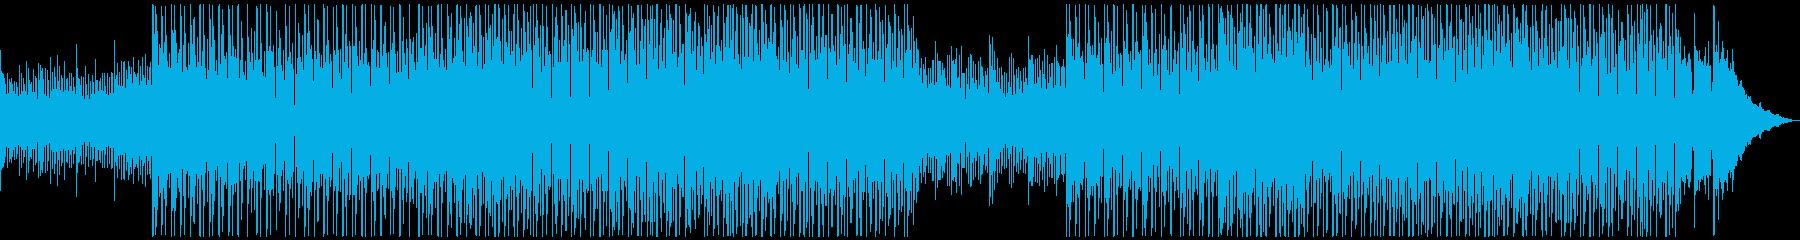 AI、テクノロジー、無機質クール、テクノの再生済みの波形